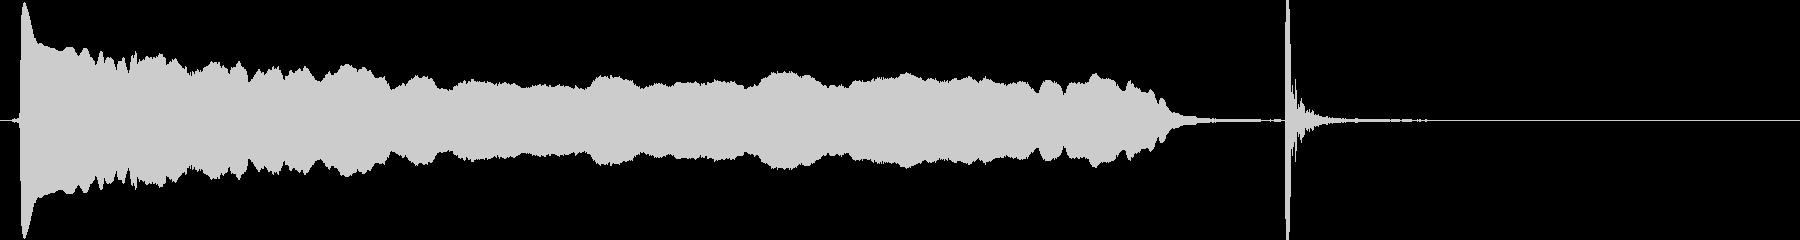 ヒュ〜ポン下降 落下 #3 生演奏の未再生の波形